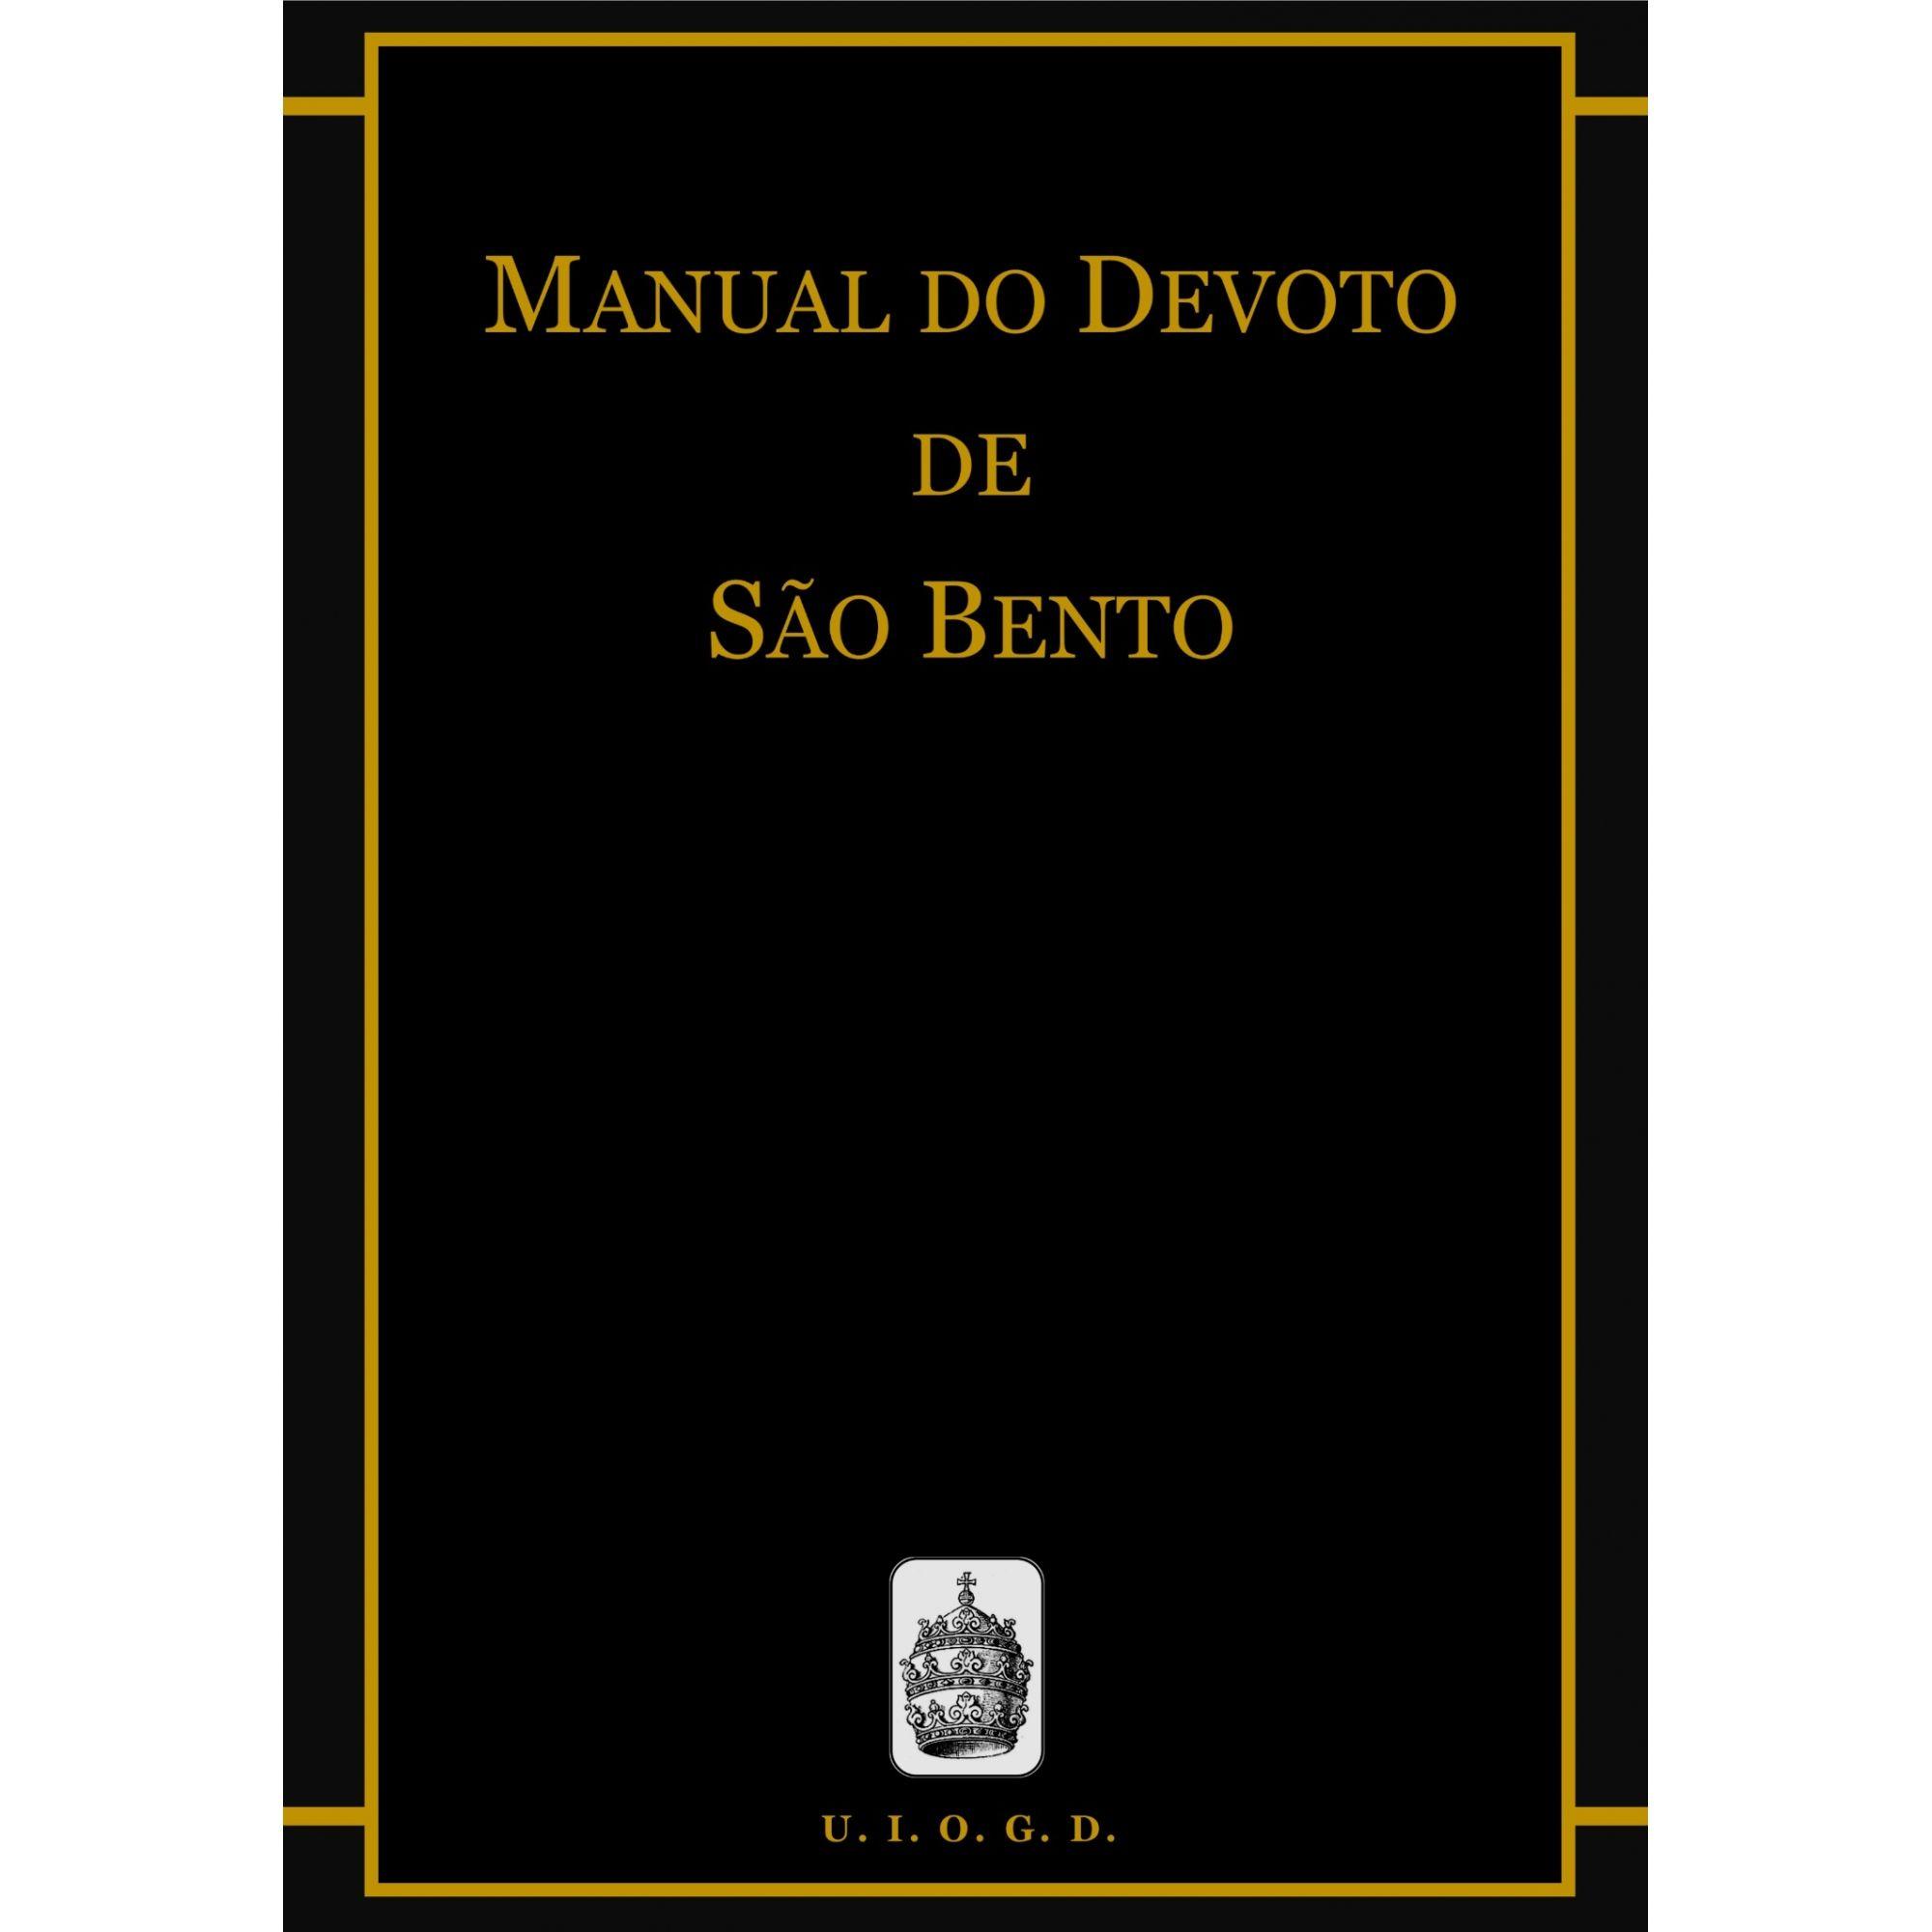 Manual do Devoto de São Bento  - Livraria Santa Cruz